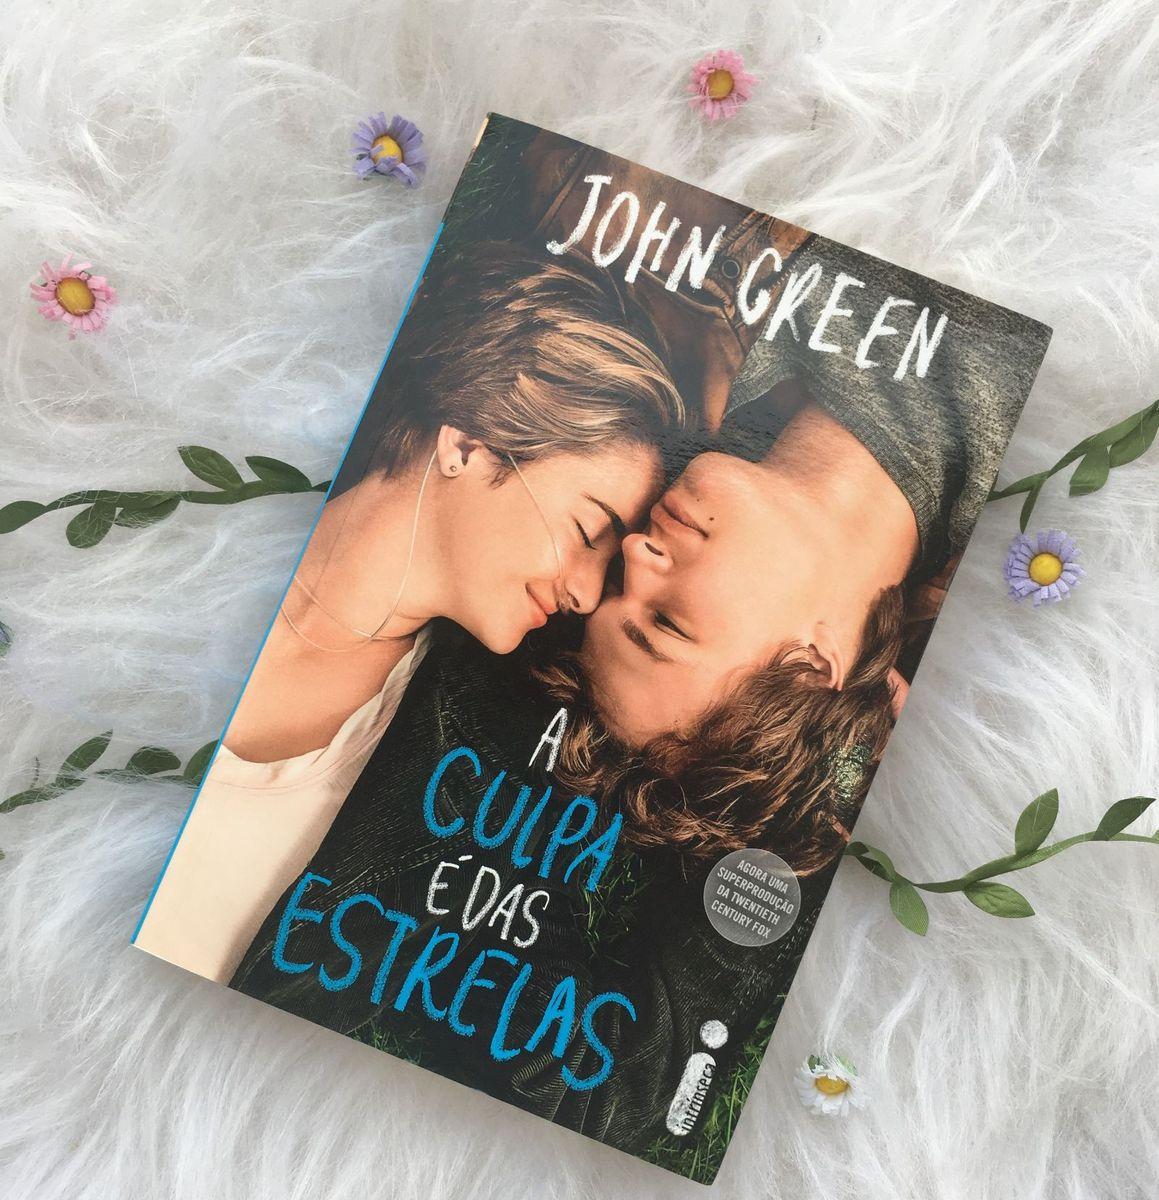 """Top leitura: """"A culpa é das estrelas"""", de  John Green"""